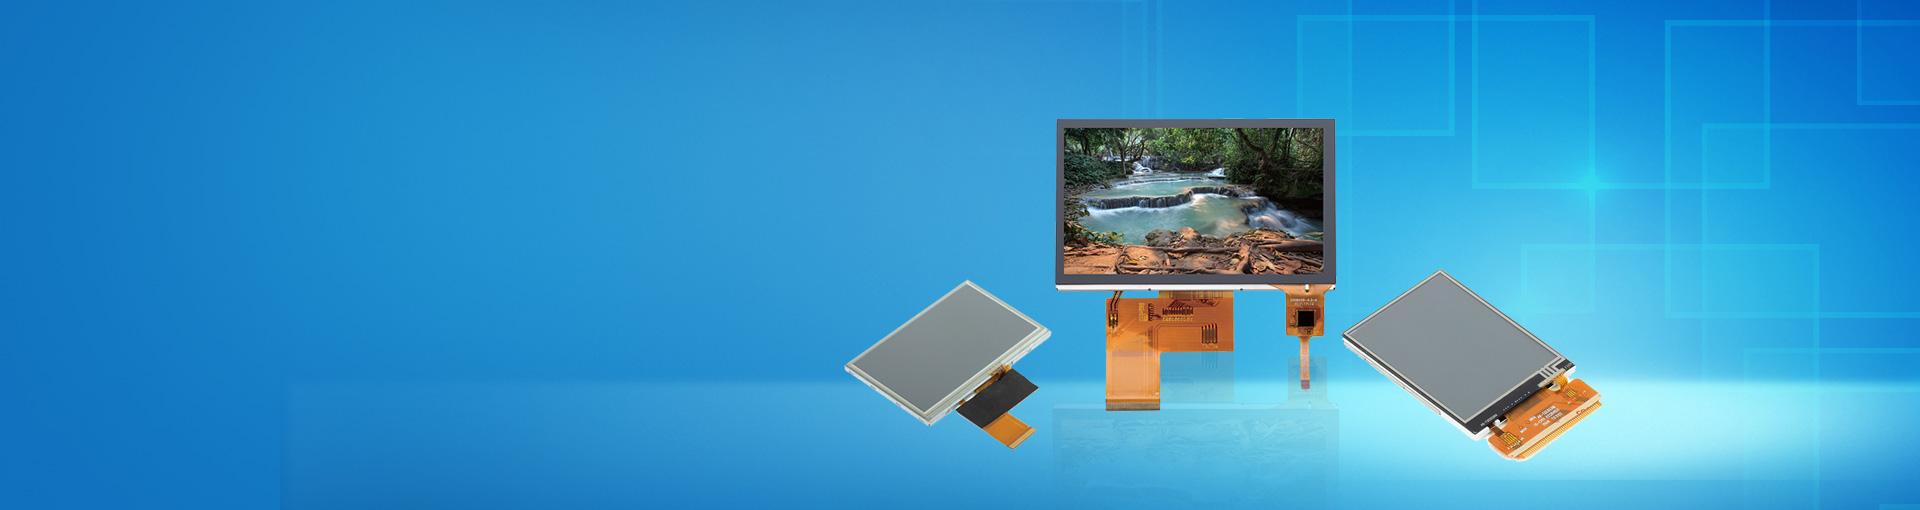 TFT LCD